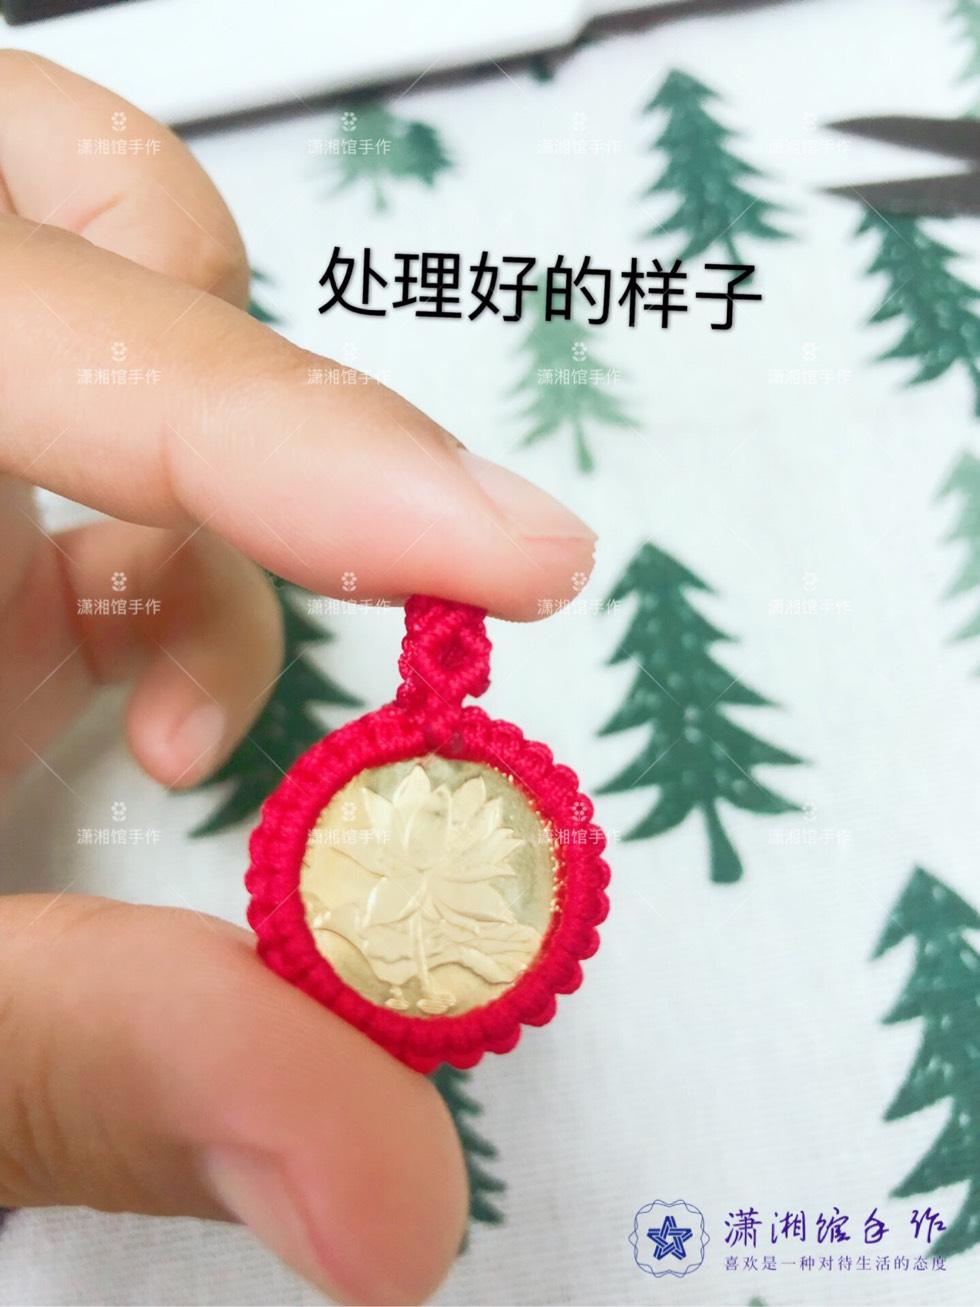 中国结论坛 硬币挂件天使翅膀钥匙扣教程  图文教程区 170124rlfsssiyshikirzy